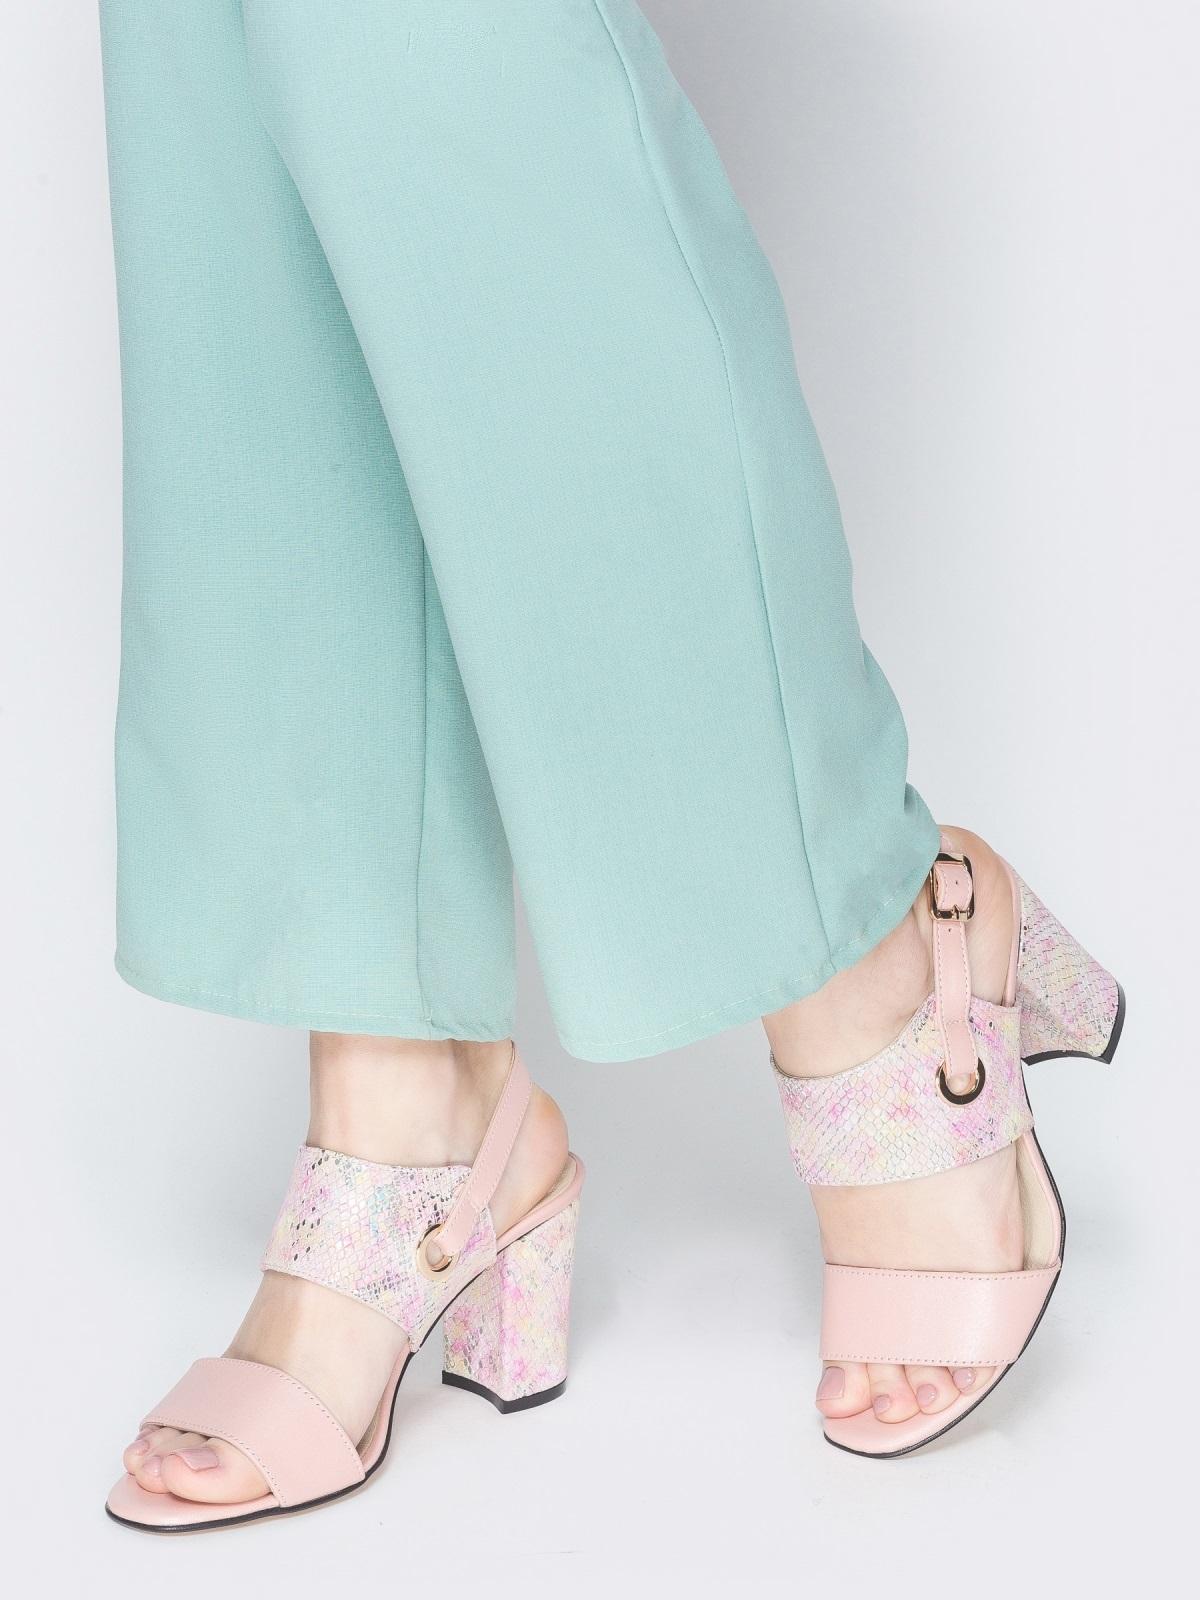 Пудровые босоножки на устойчивом каблуке - 38987, фото 1 – интернет-магазин Dressa